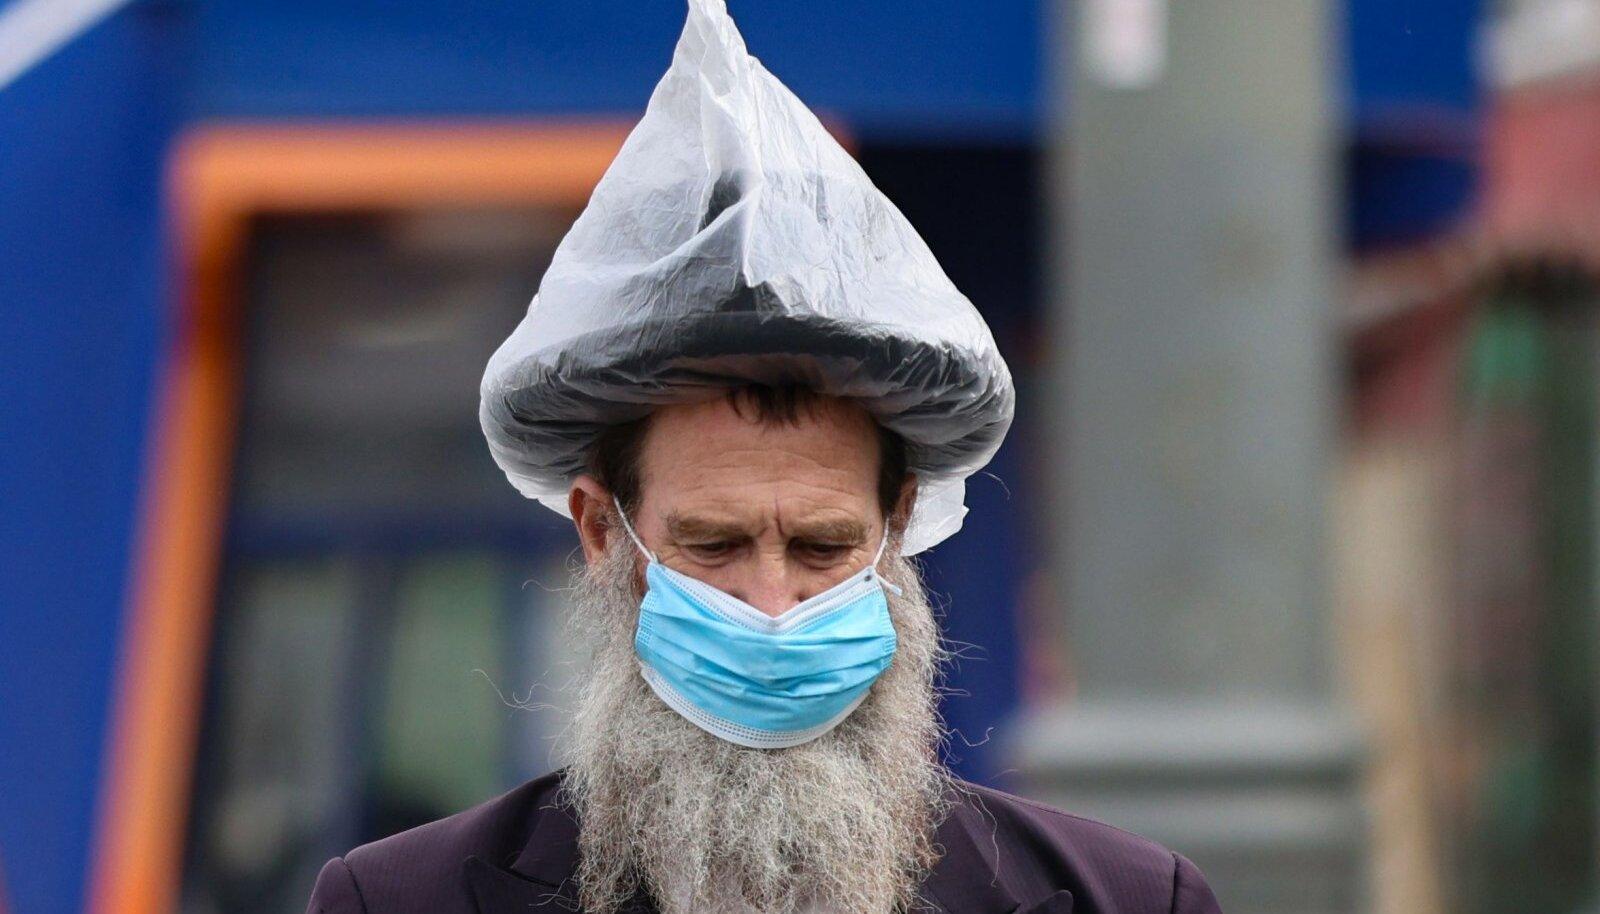 Maskikandmise vastased paistavad Iisraelis silma nt õigeusklike juutide hulgas, aga muidugi on ka korralikumaid kodanikke nagu sellel pildil näha (foto: AFP / Scanpix)